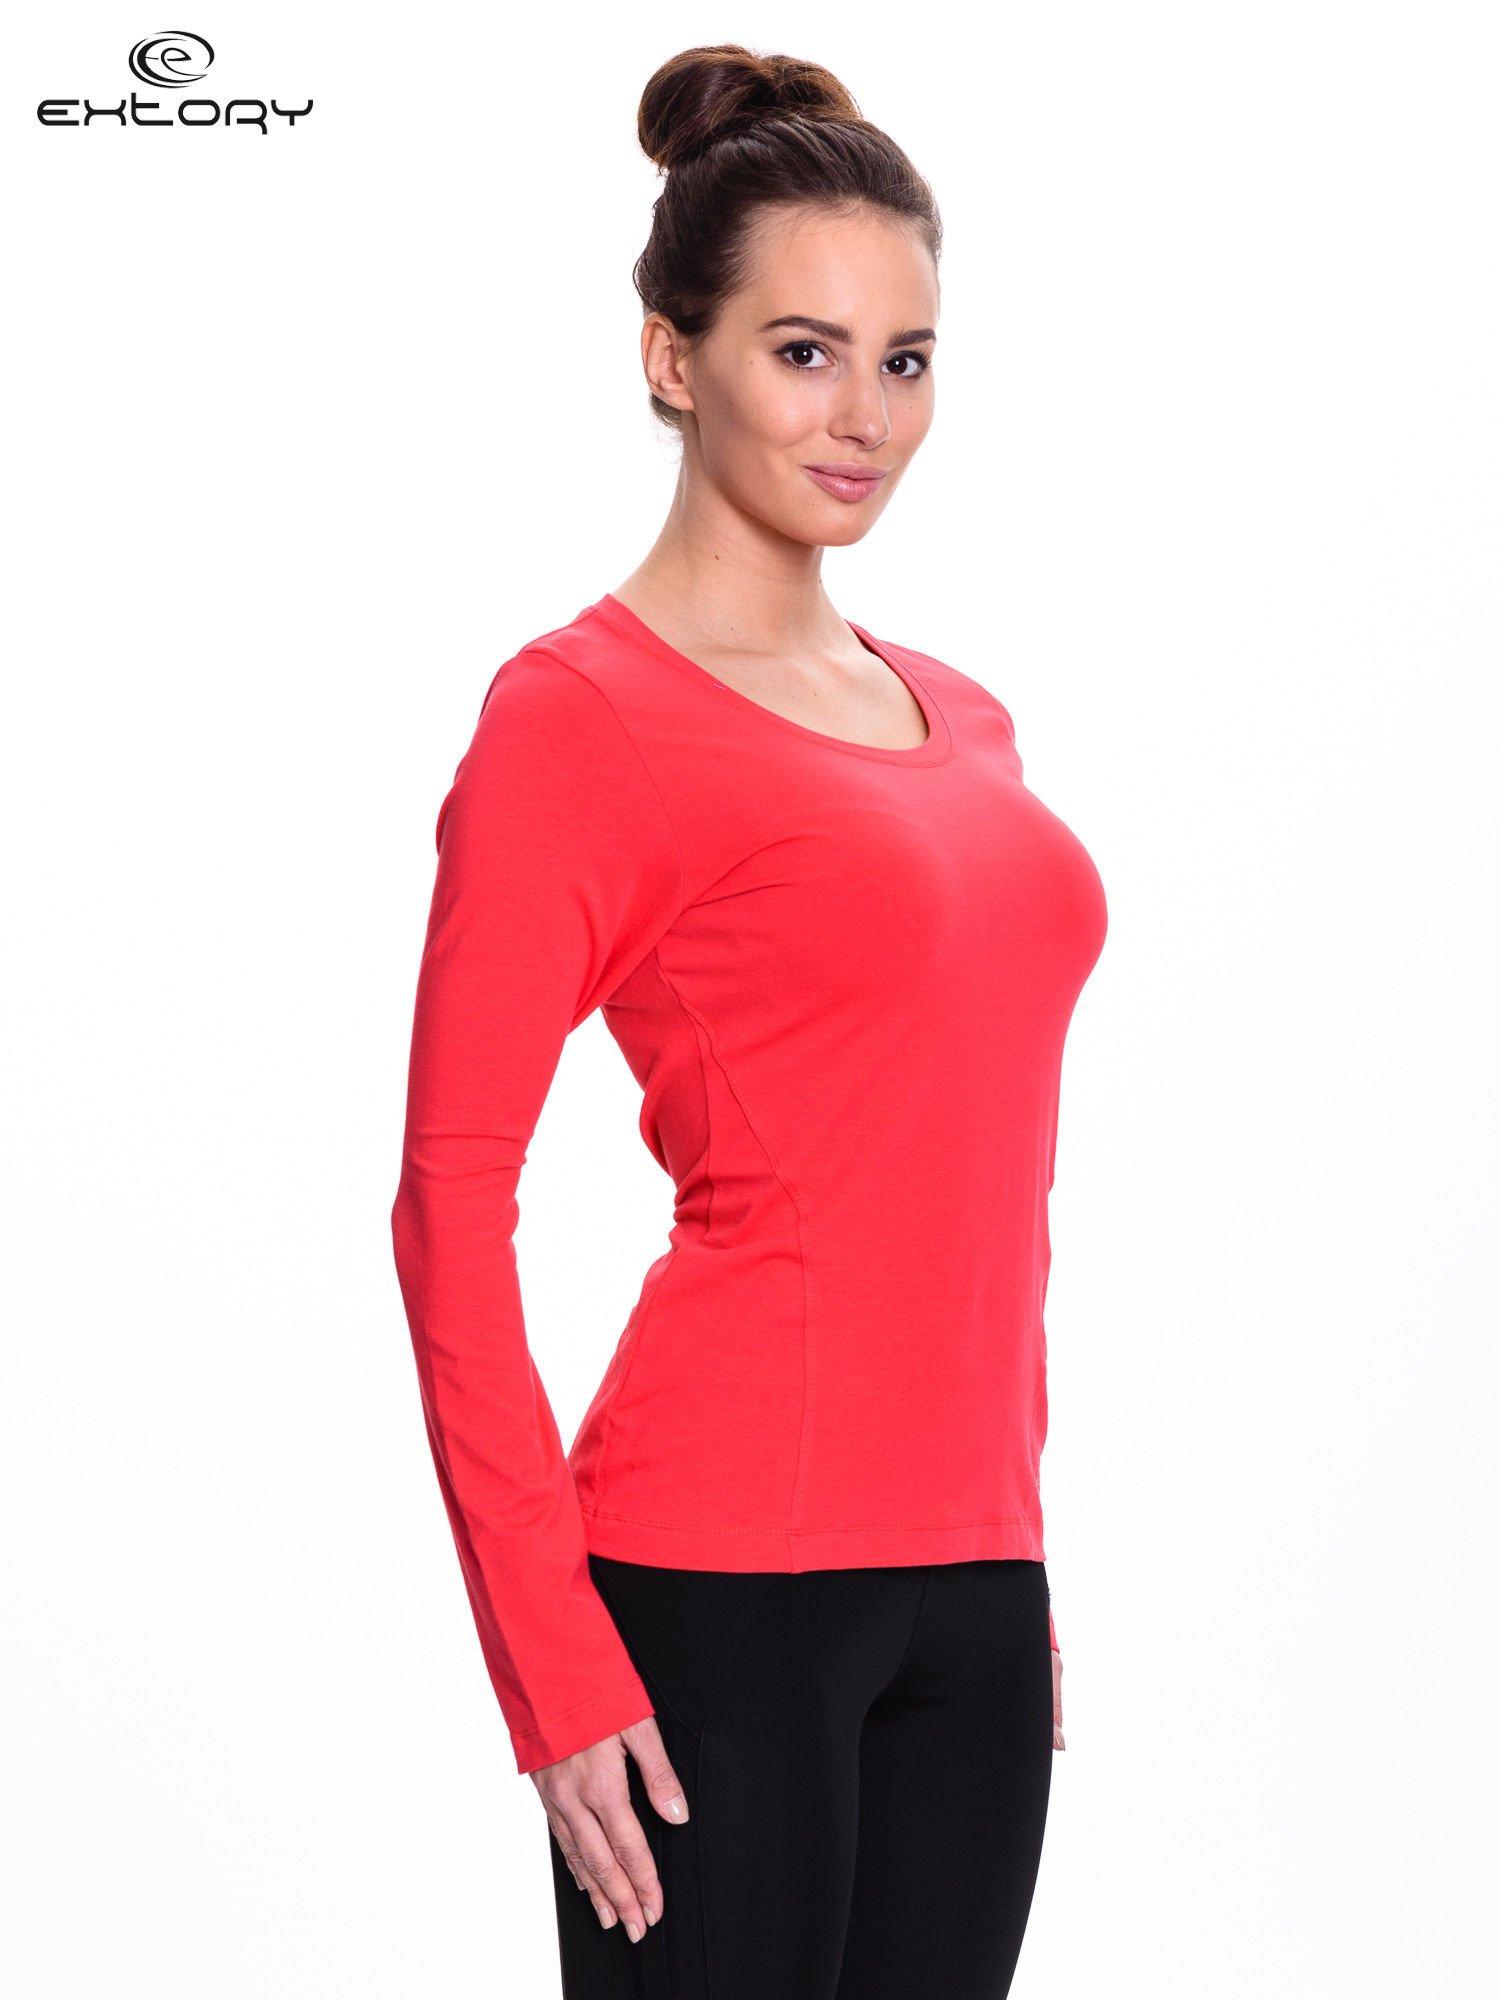 Czerwona bluzka sportowa z dekoltem U                                  zdj.                                  3